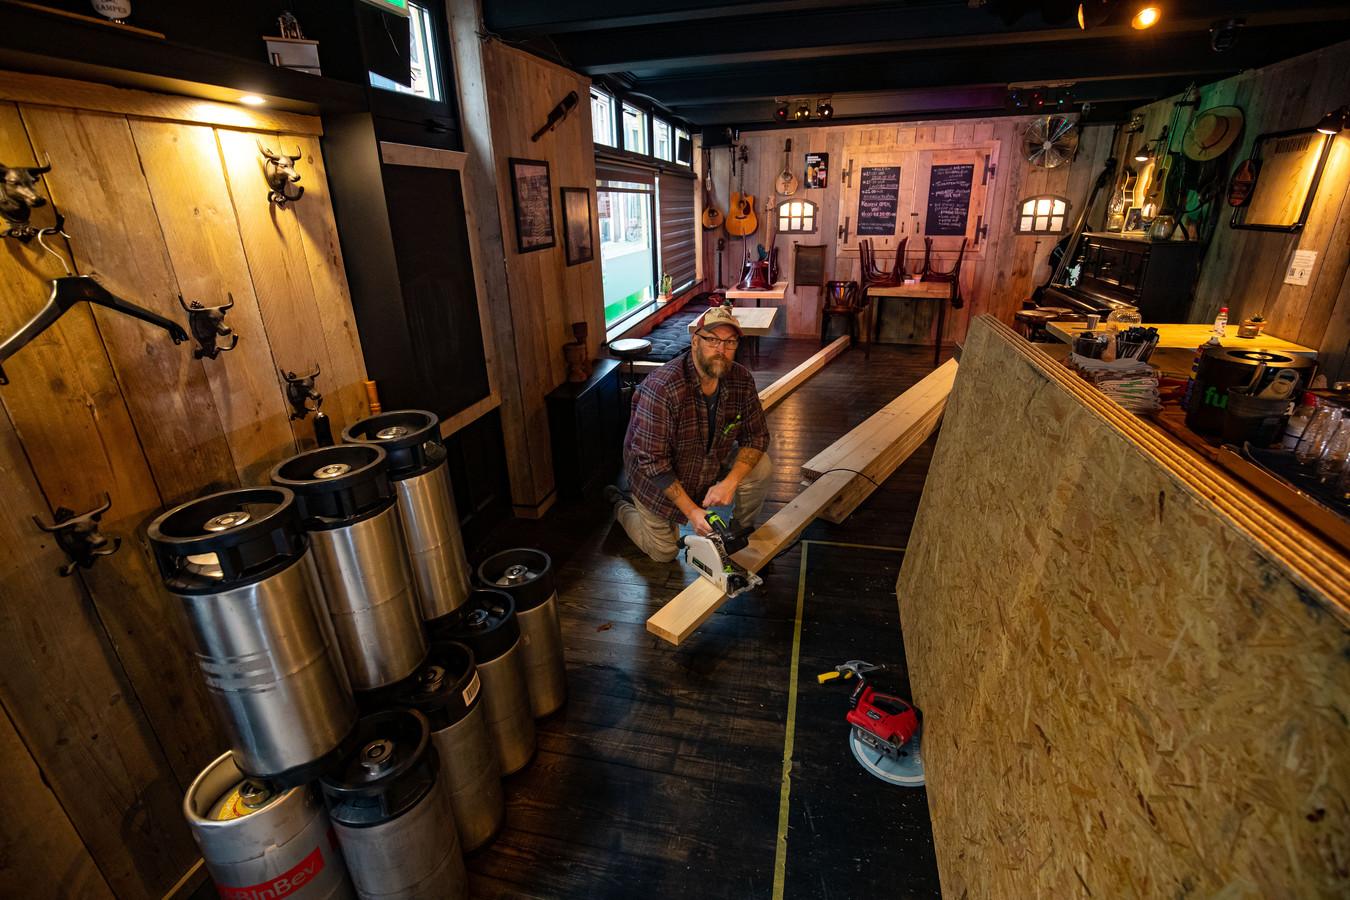 Wim van der Starre opende vorig jaar cafe The Moonshiners' aan de Voorstraat in Kampen.